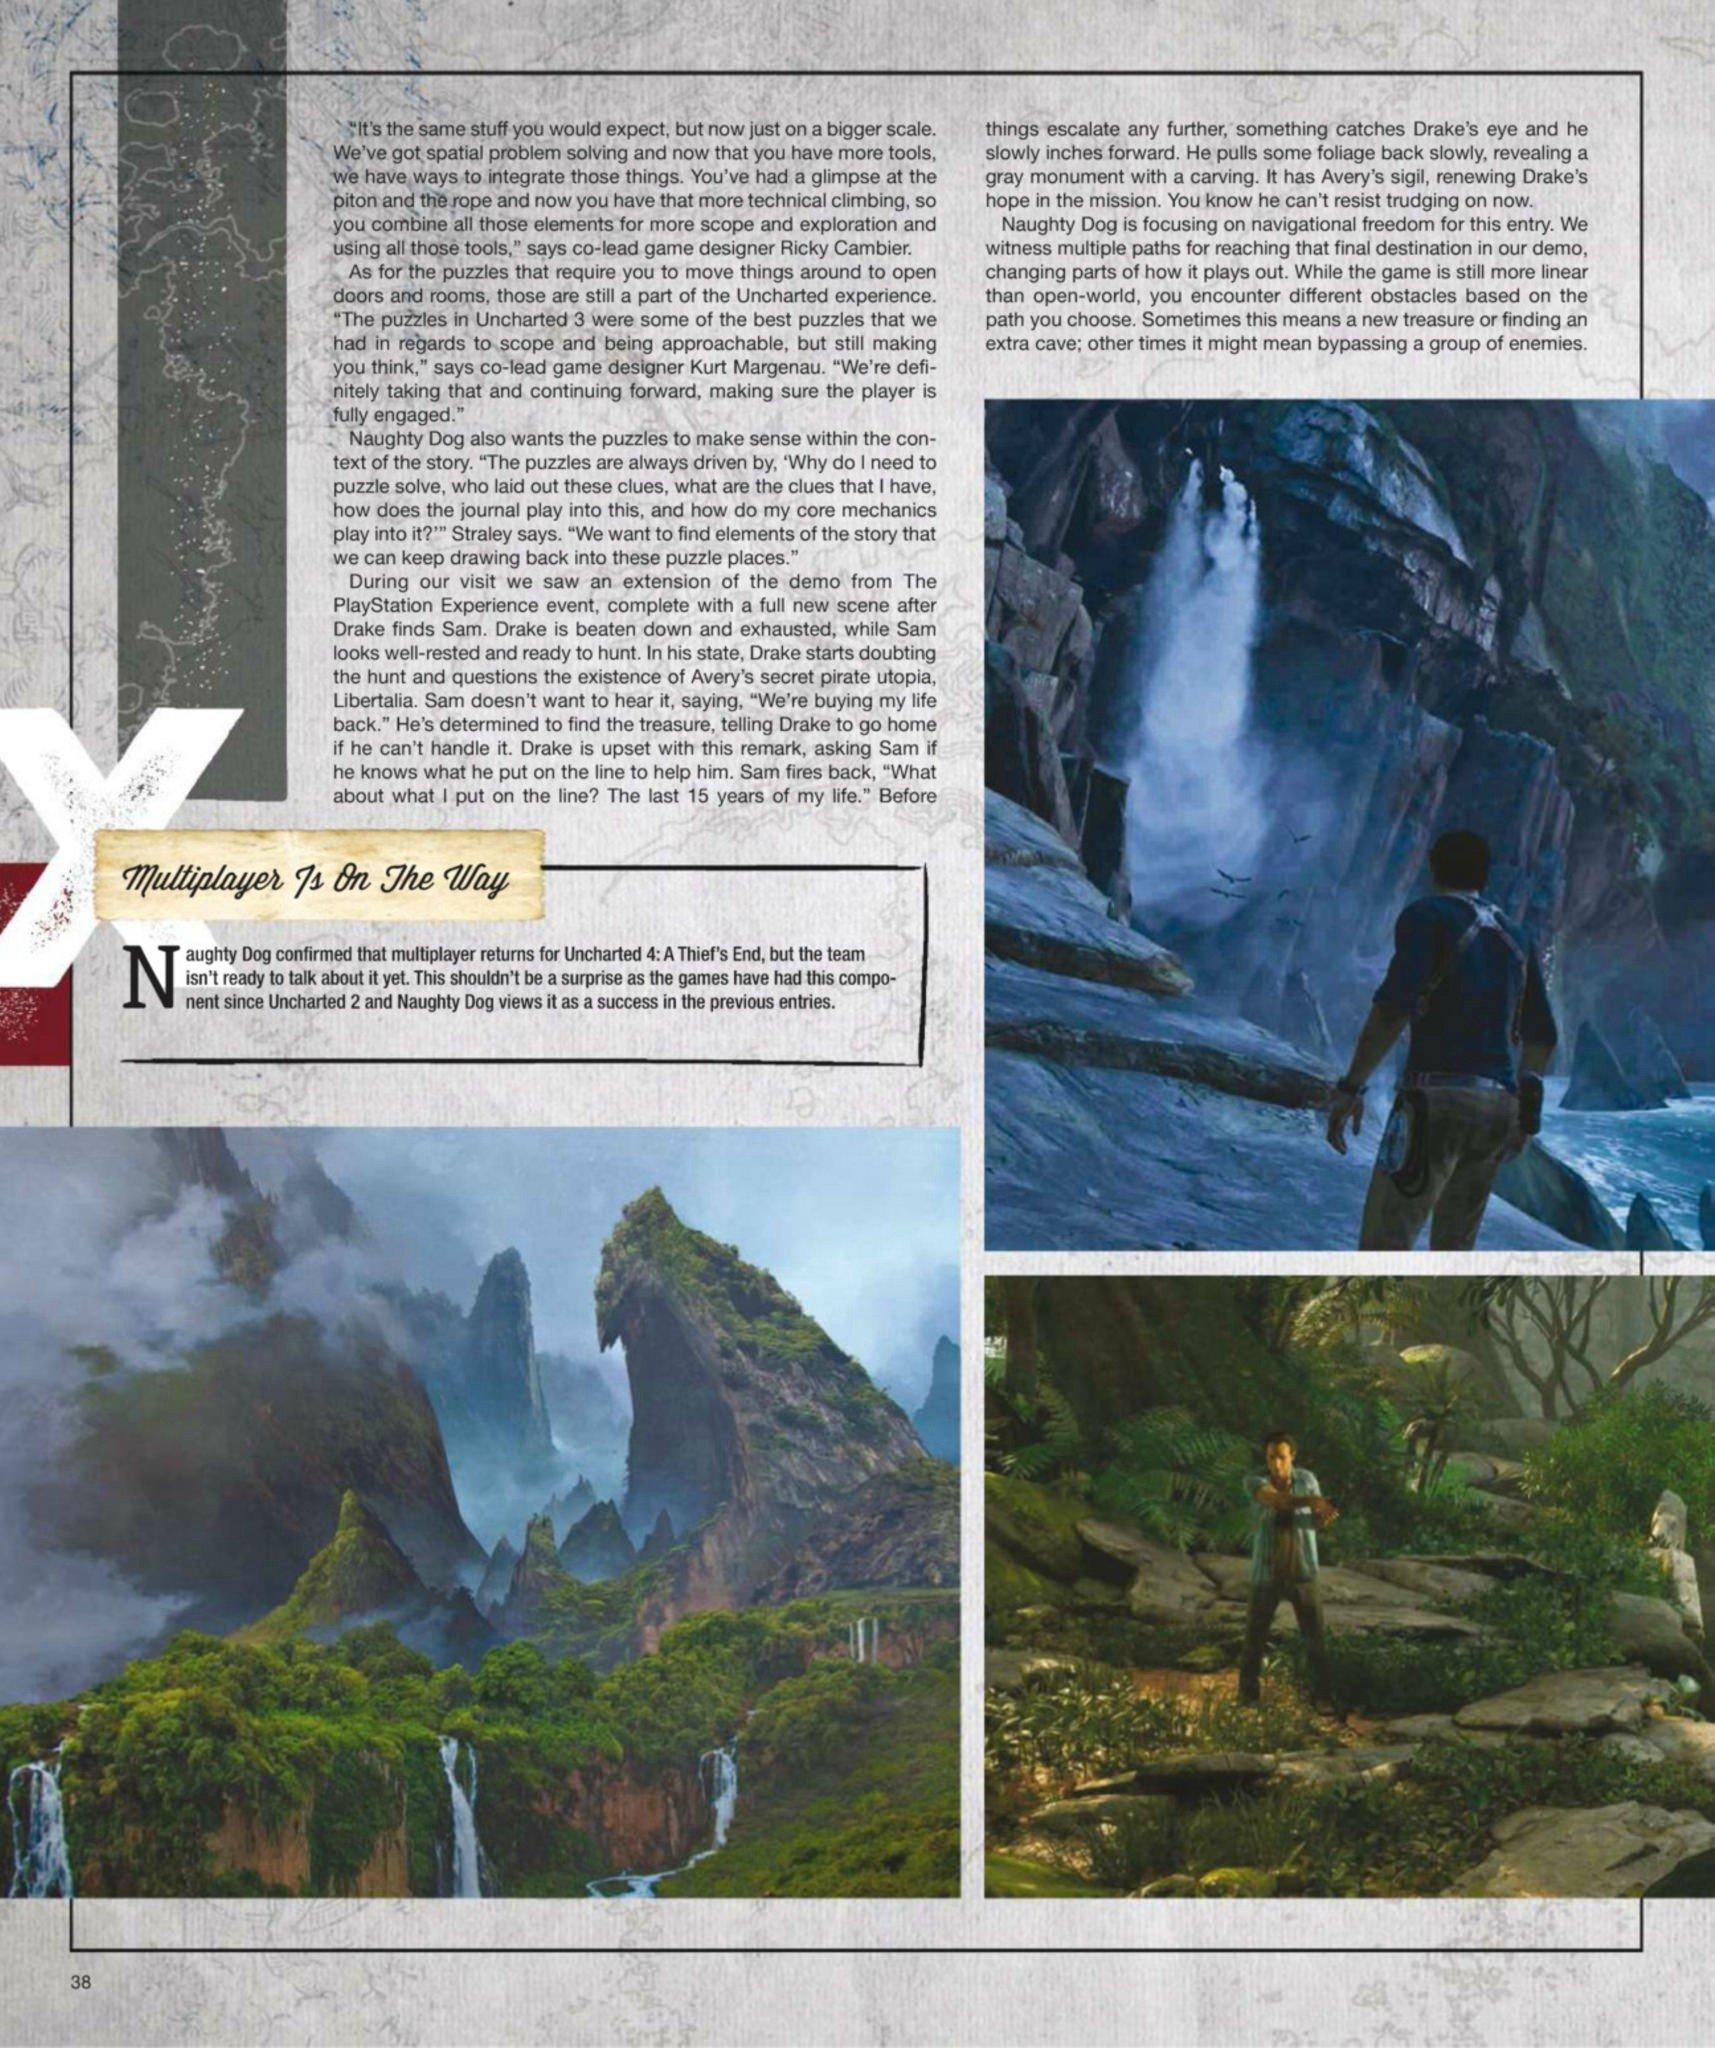 Сканы Uncharted 4: A Thief's End из свежего номера Game Informer  - Изображение 10